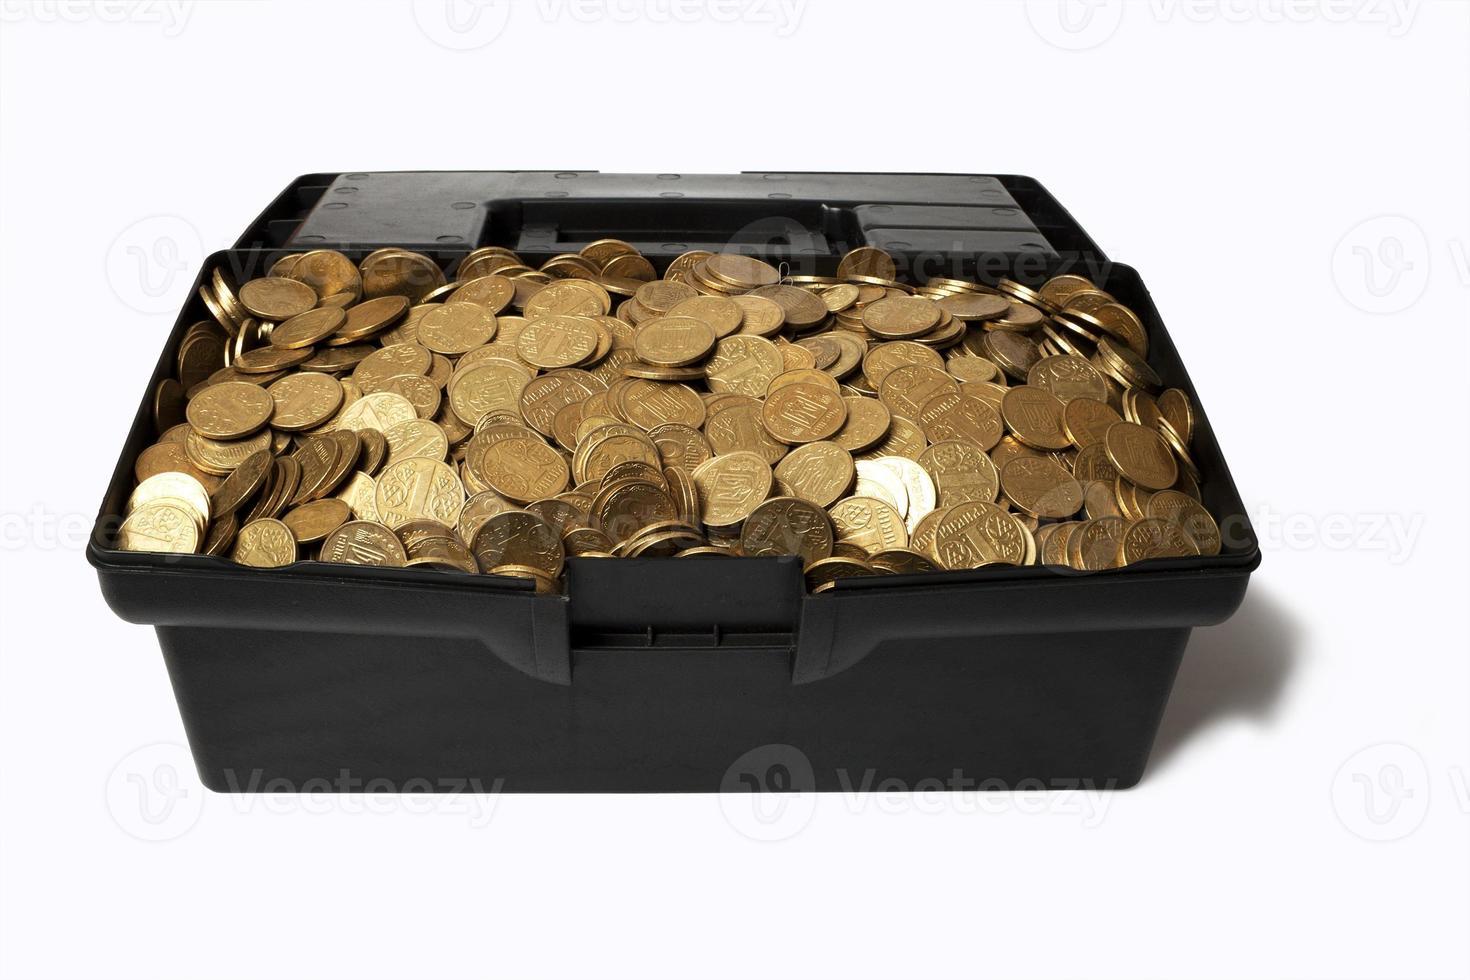 die Münzen foto